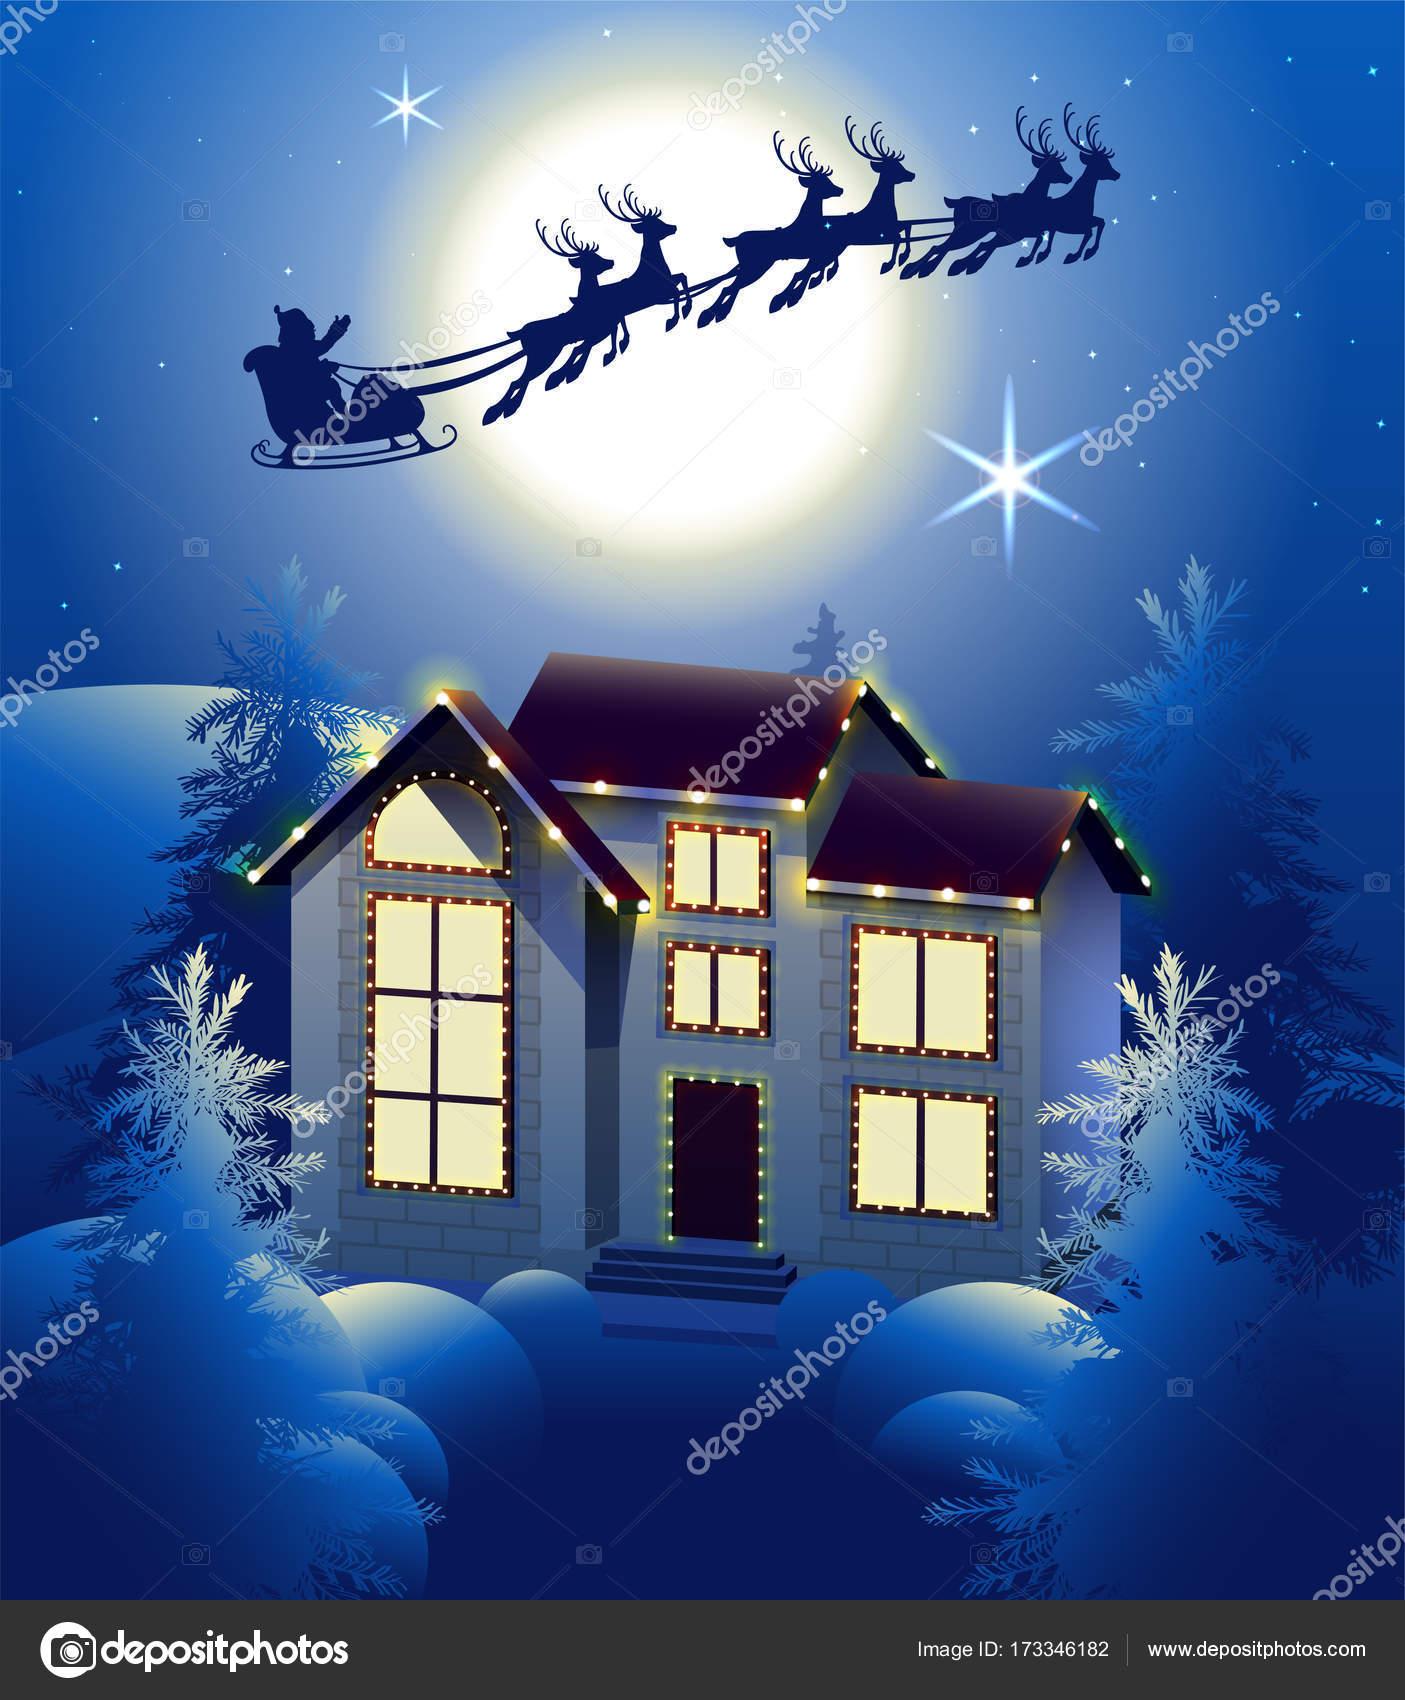 Weihnachtsbeleuchtung Schlitten.Weihnachtsmann Im Schlitten Rentier Silhouette Im Hintergrund Der